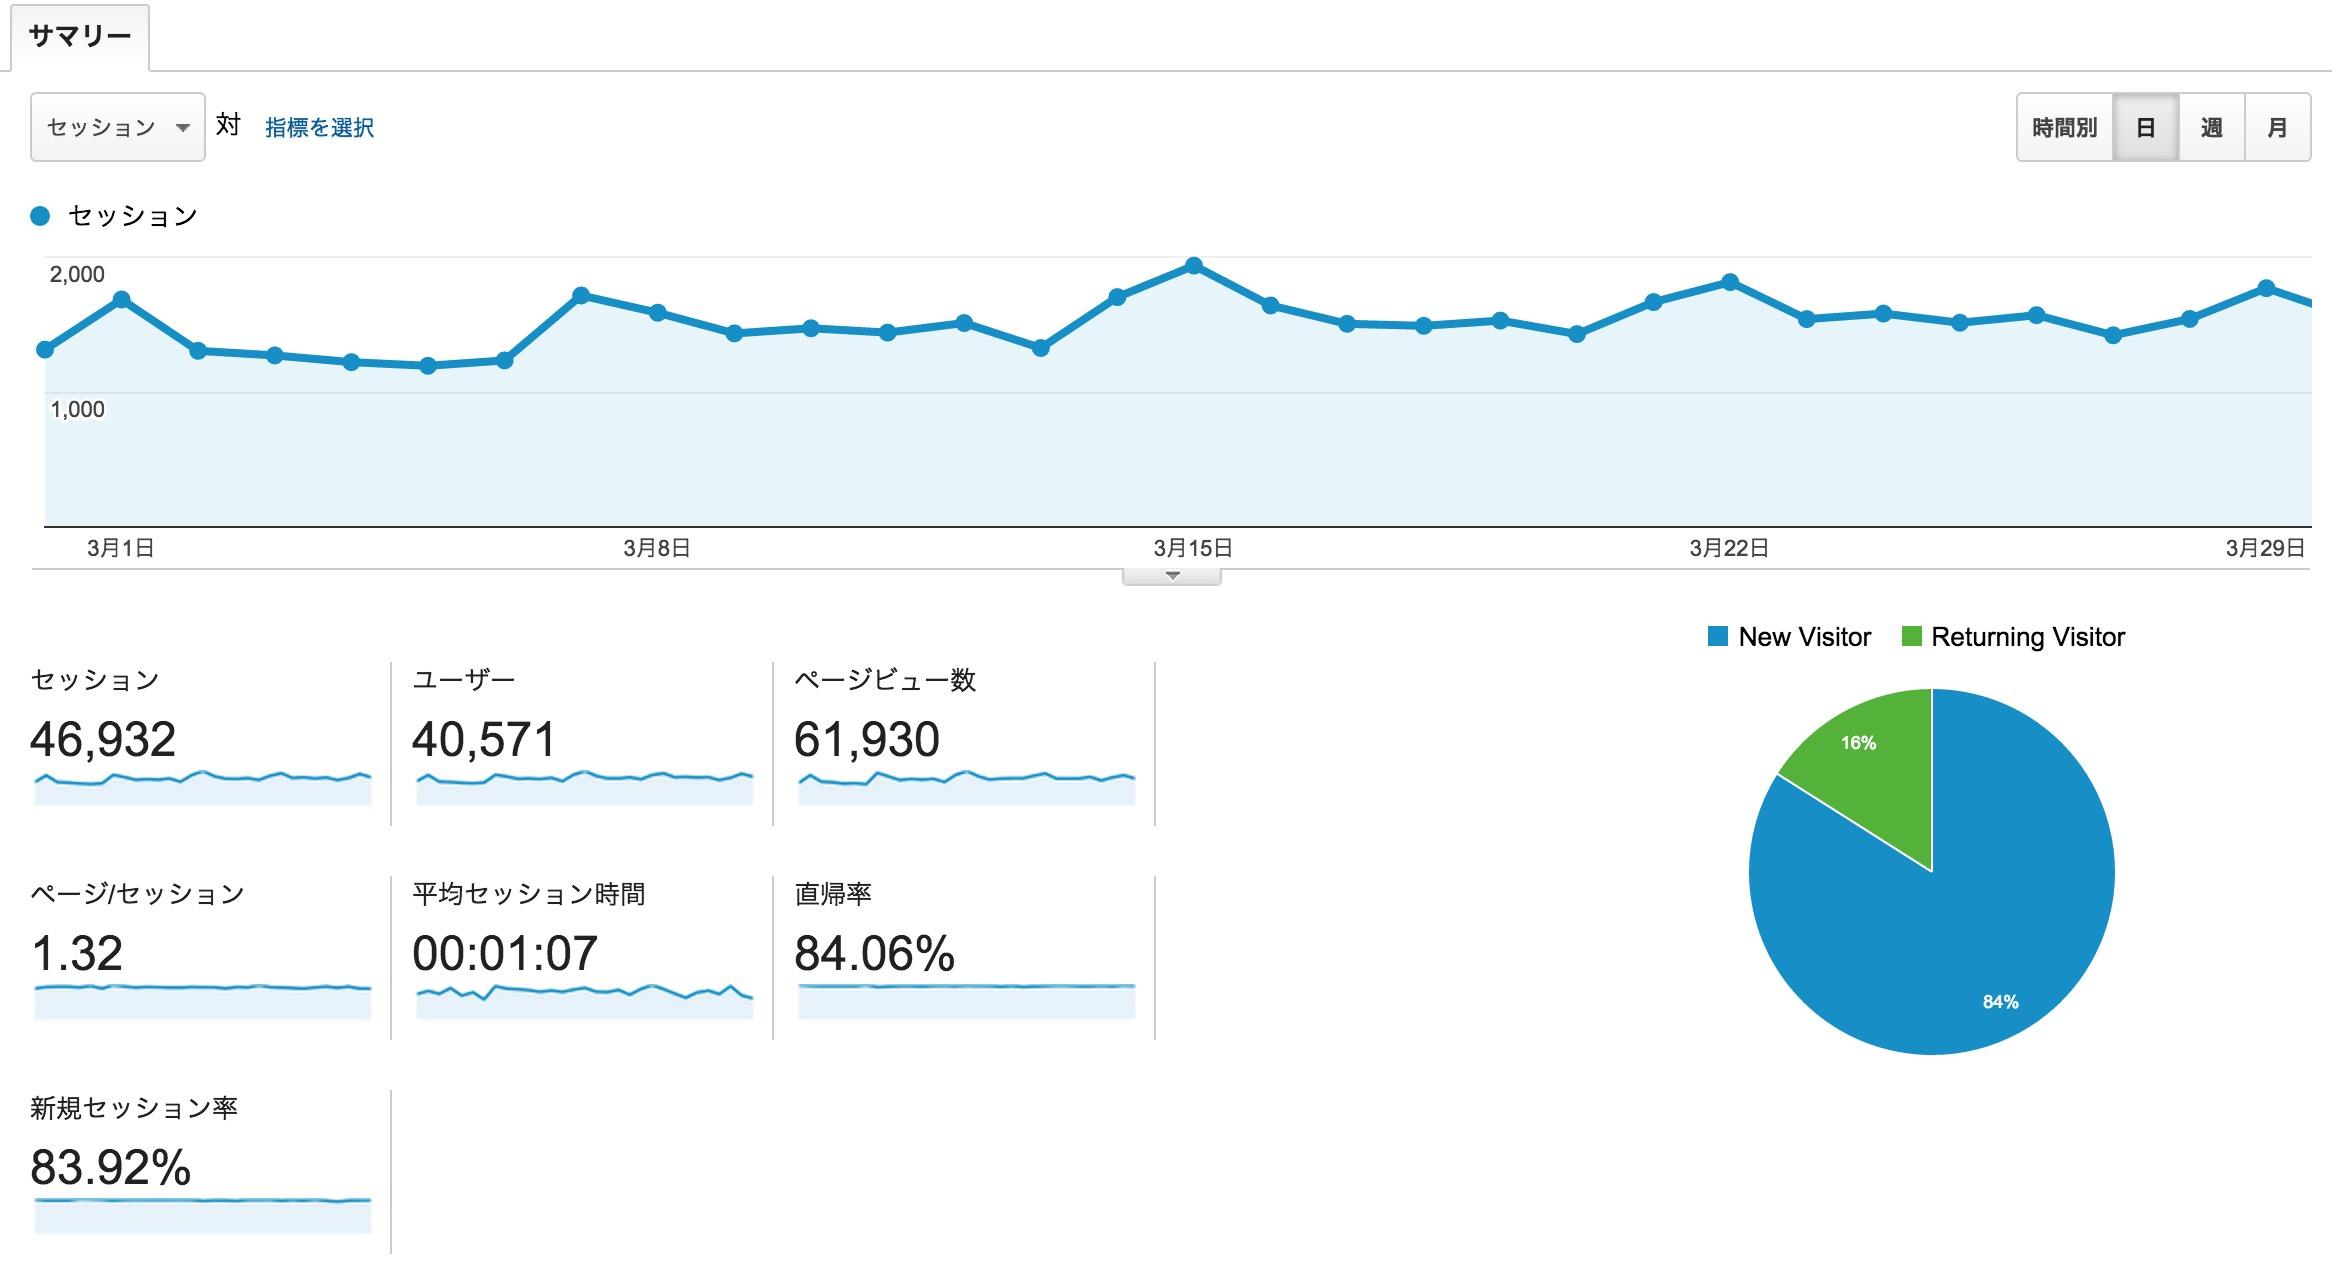 管理しているサイトでは前年と比べてもモバイル比率がほぼ変わってなかった